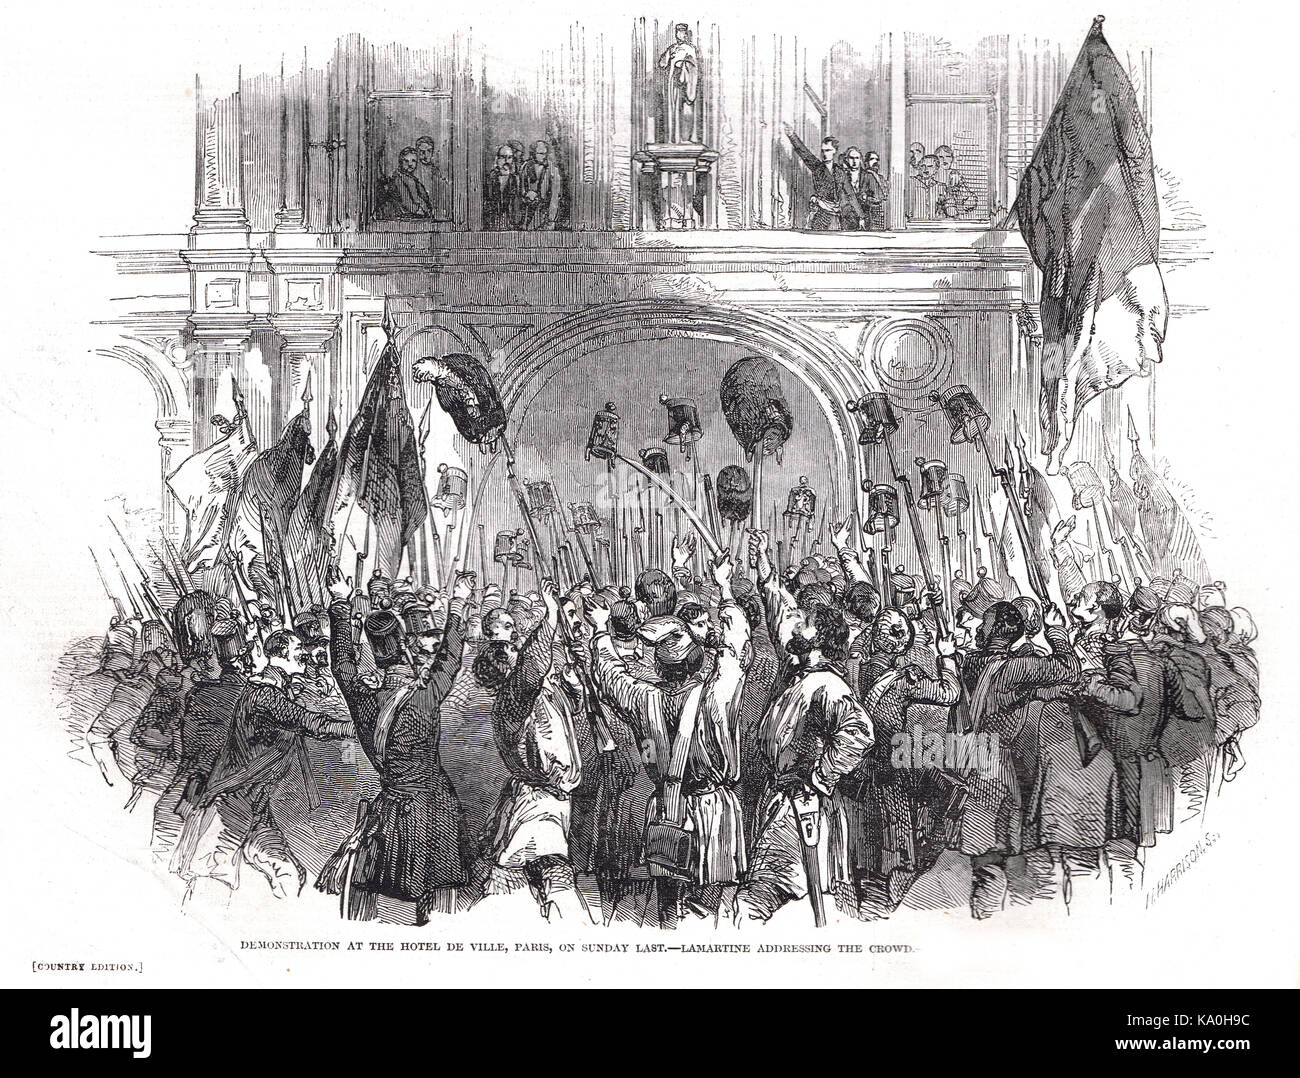 Lamartine addressing the crowd, demonstration at Hôtel de Ville, Paris, France, French Revolution of 1848 - Stock Image